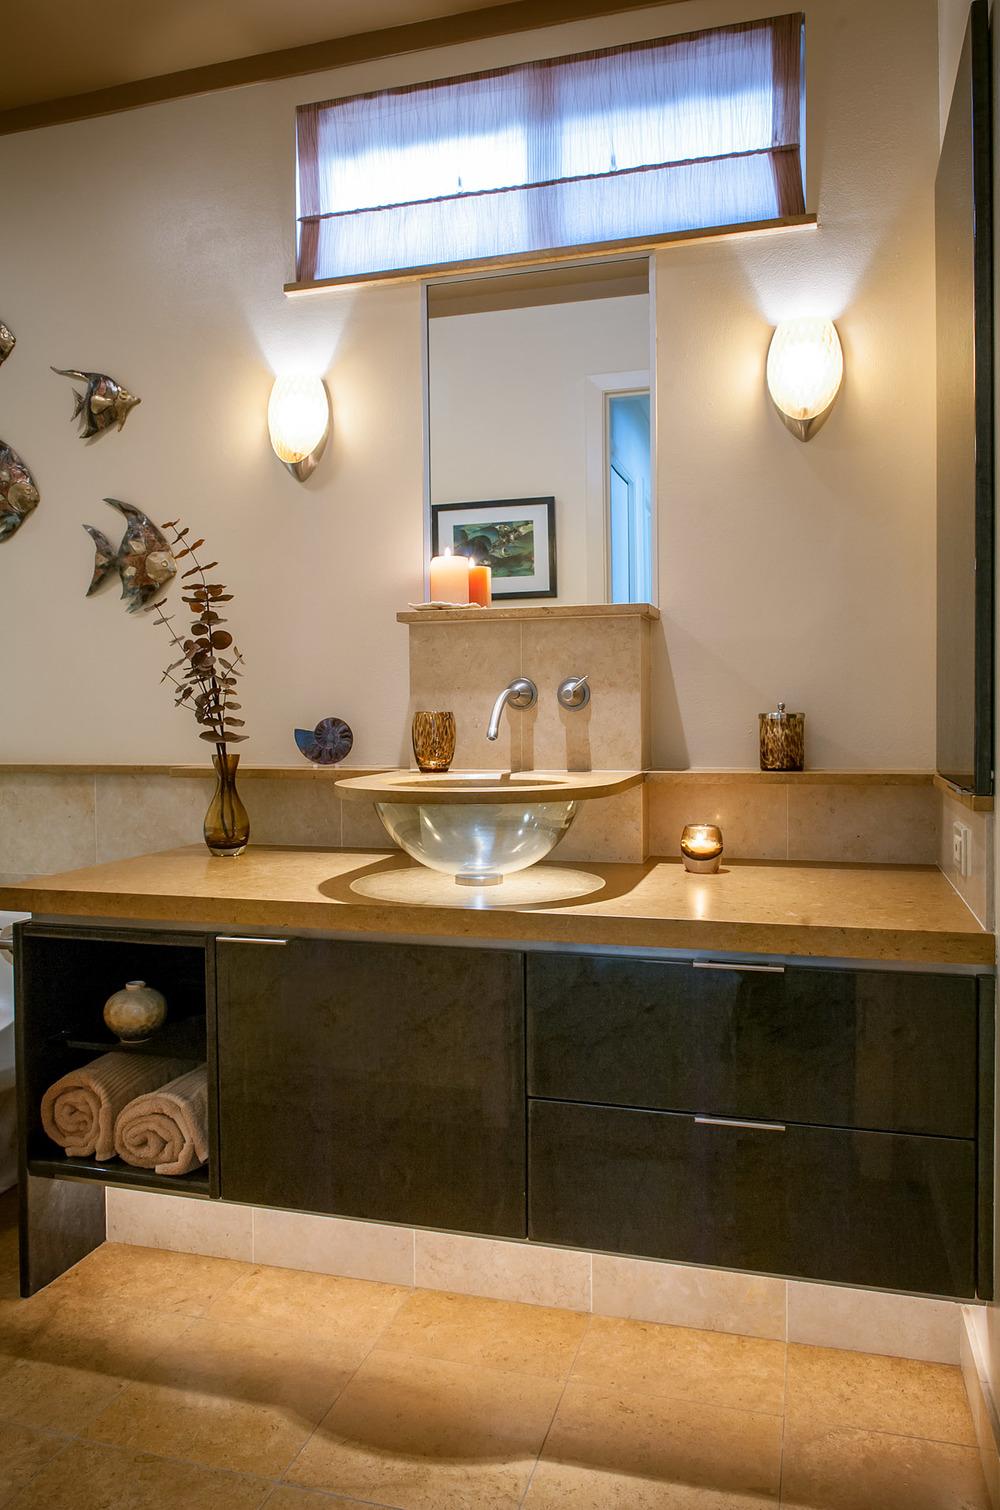 A unique sink treatment.